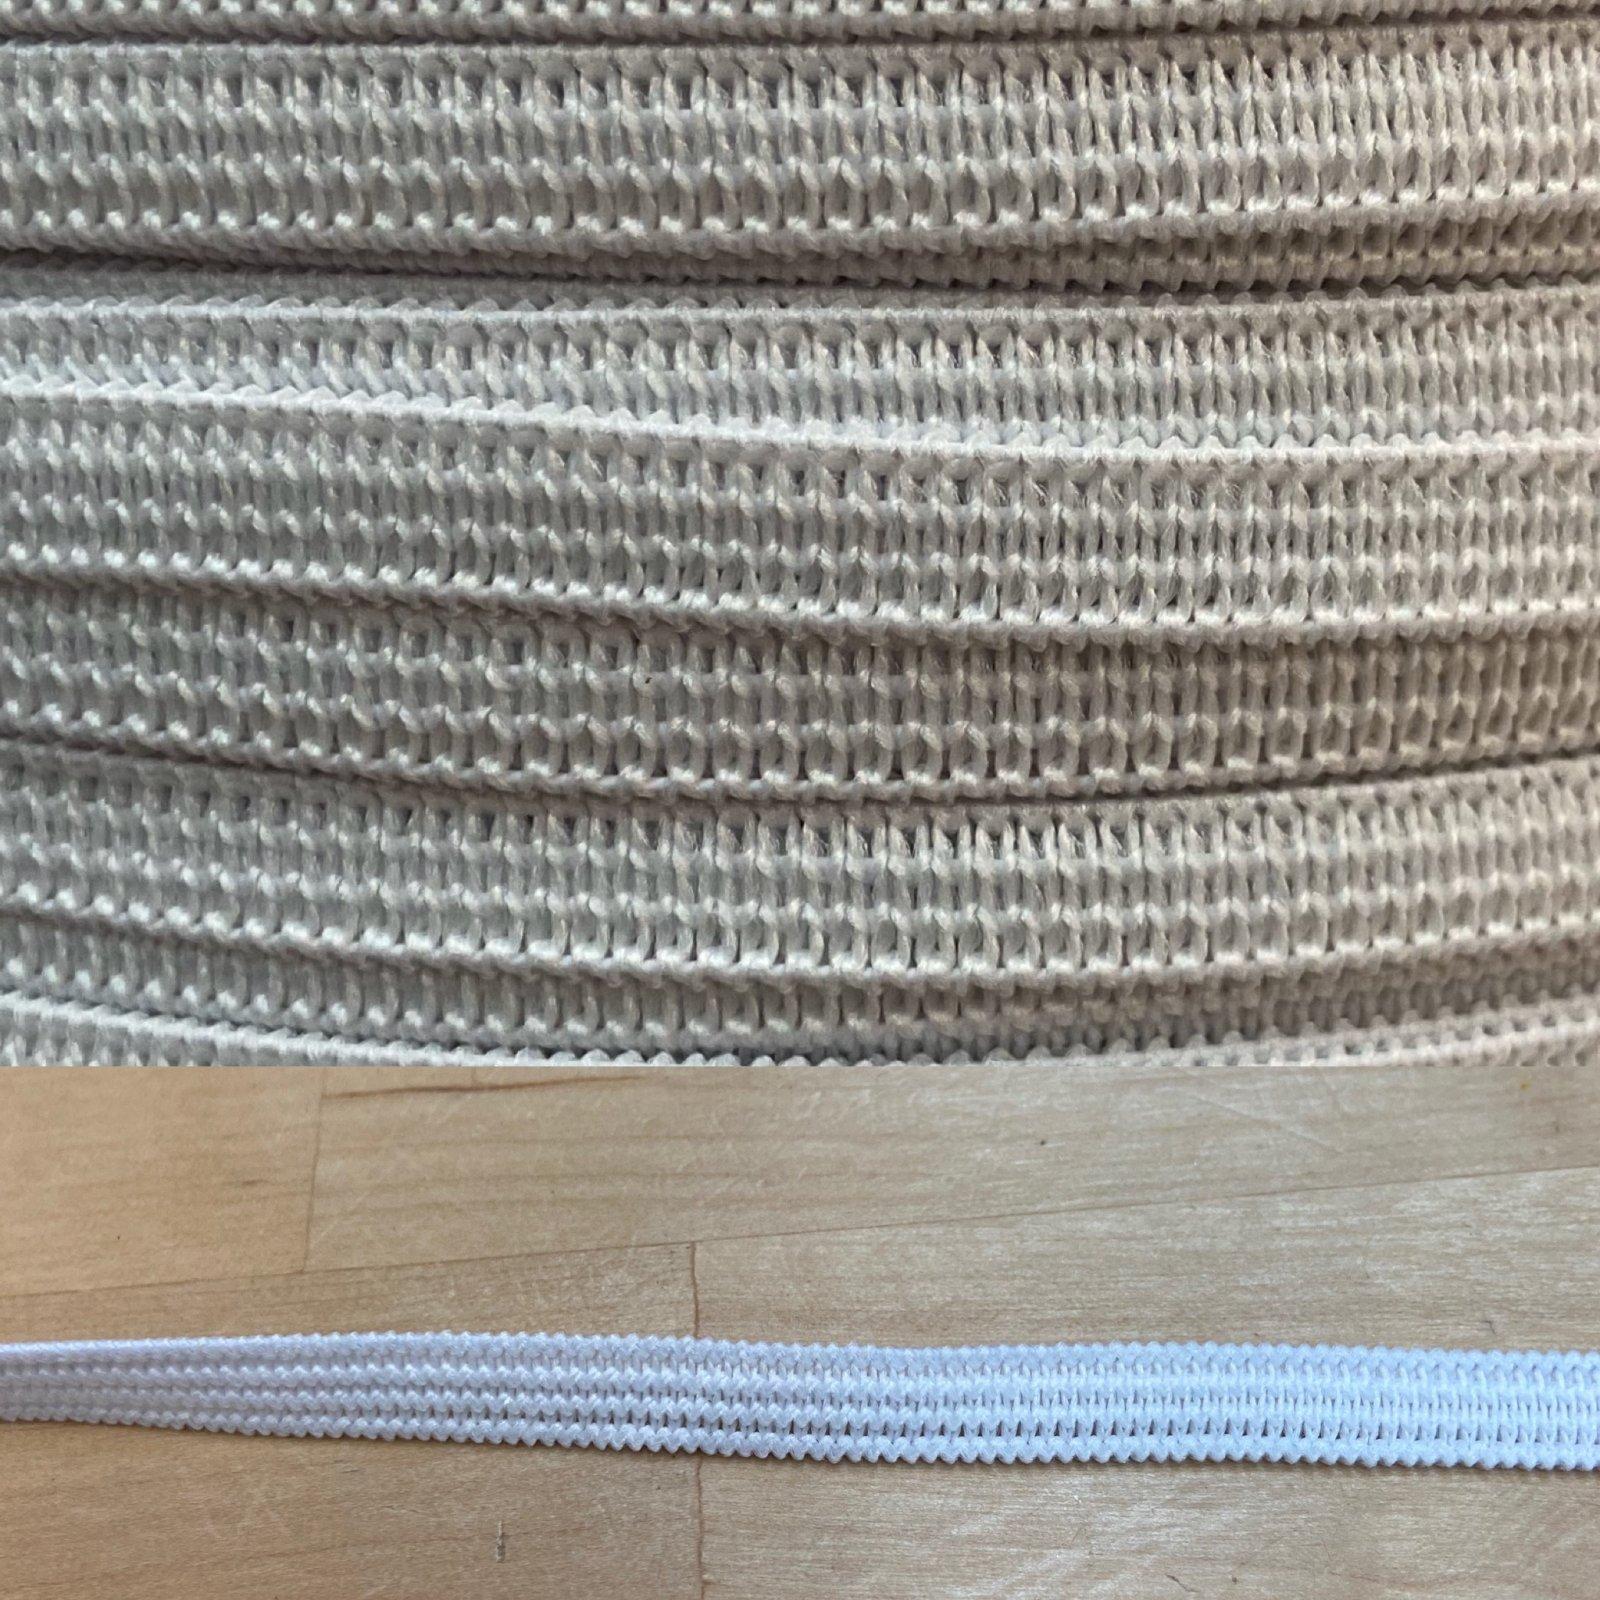 1/4 White knit Elastic soft